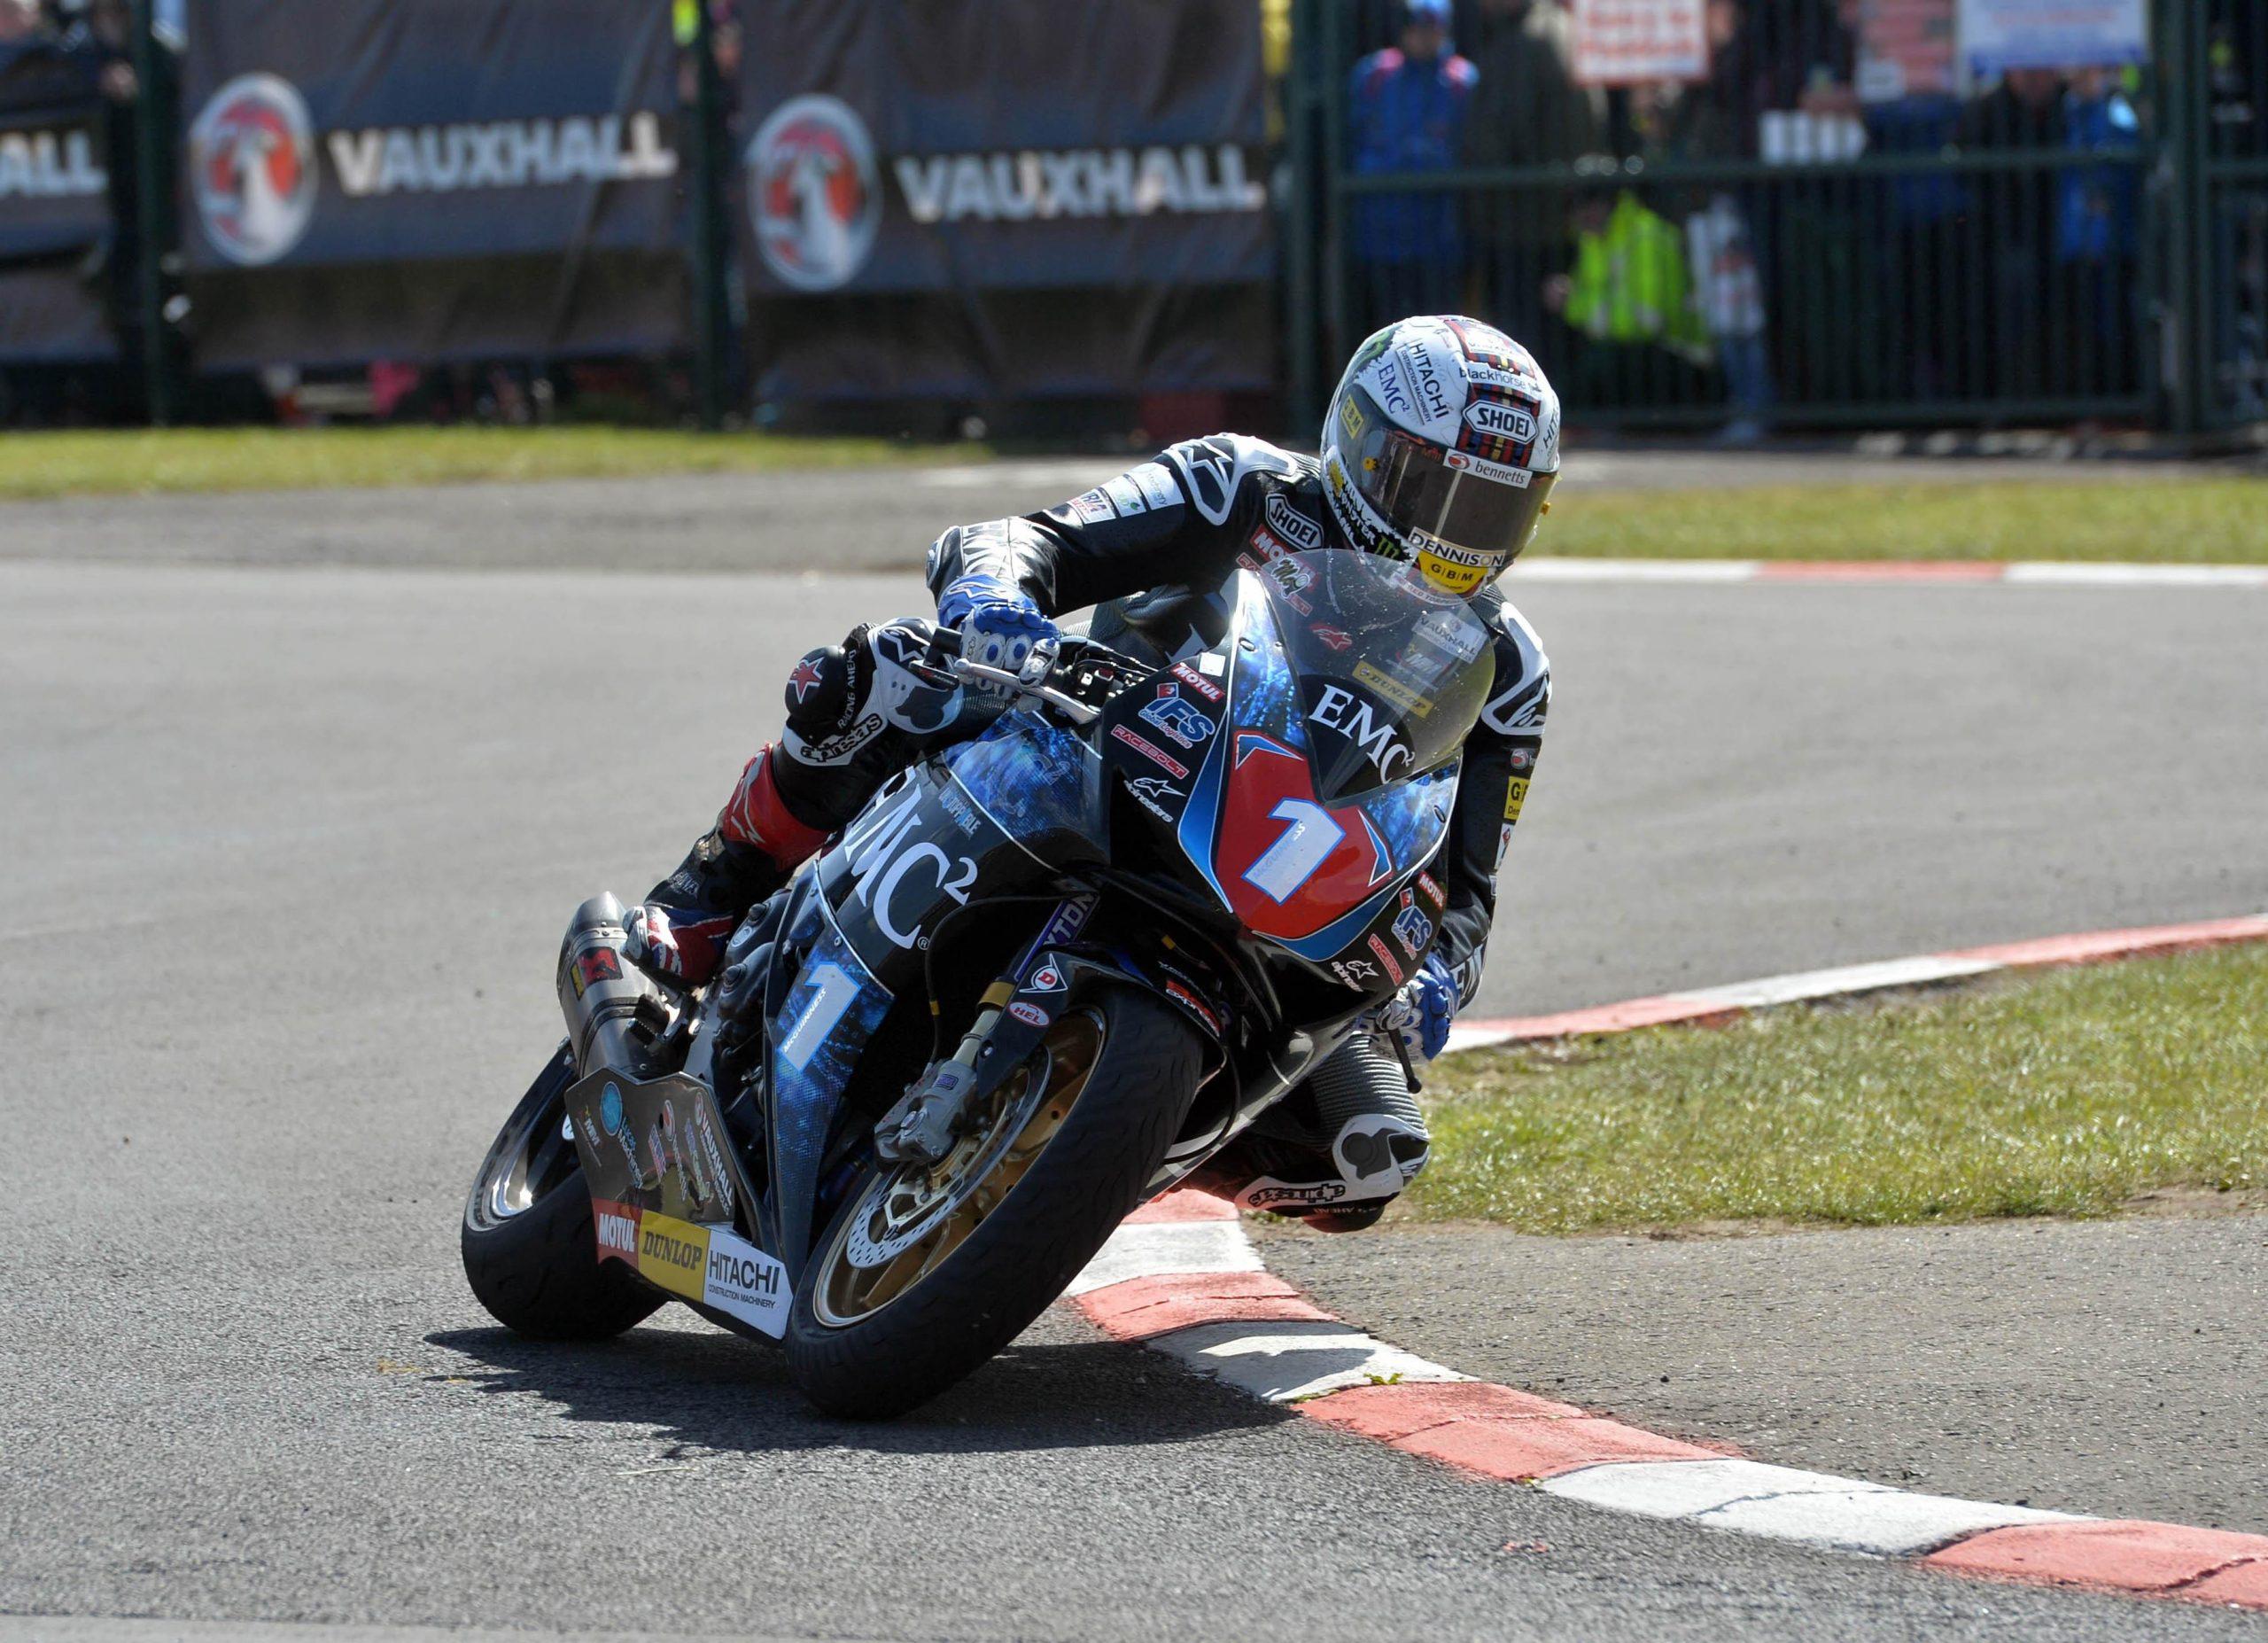 John McGuinness on the EMC2 Superstock Honda